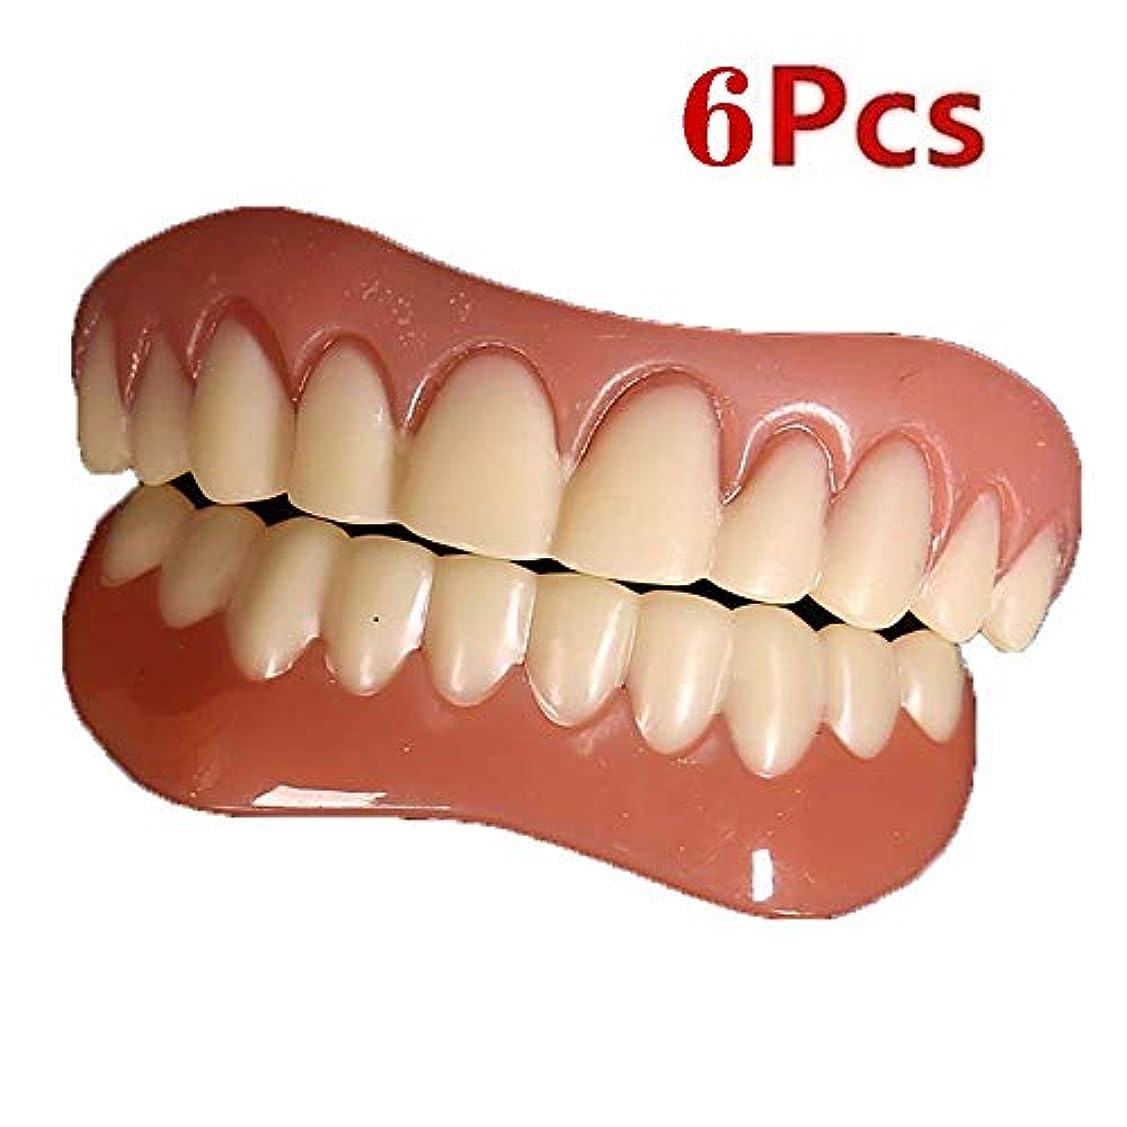 繊毛ソーシャルネブ6個のインスタントスマイルの歯アッパーロアーベニアの快適さフィットの歯のベニヤ、ワンサイズは数分以内に自宅であなたの笑顔を直す